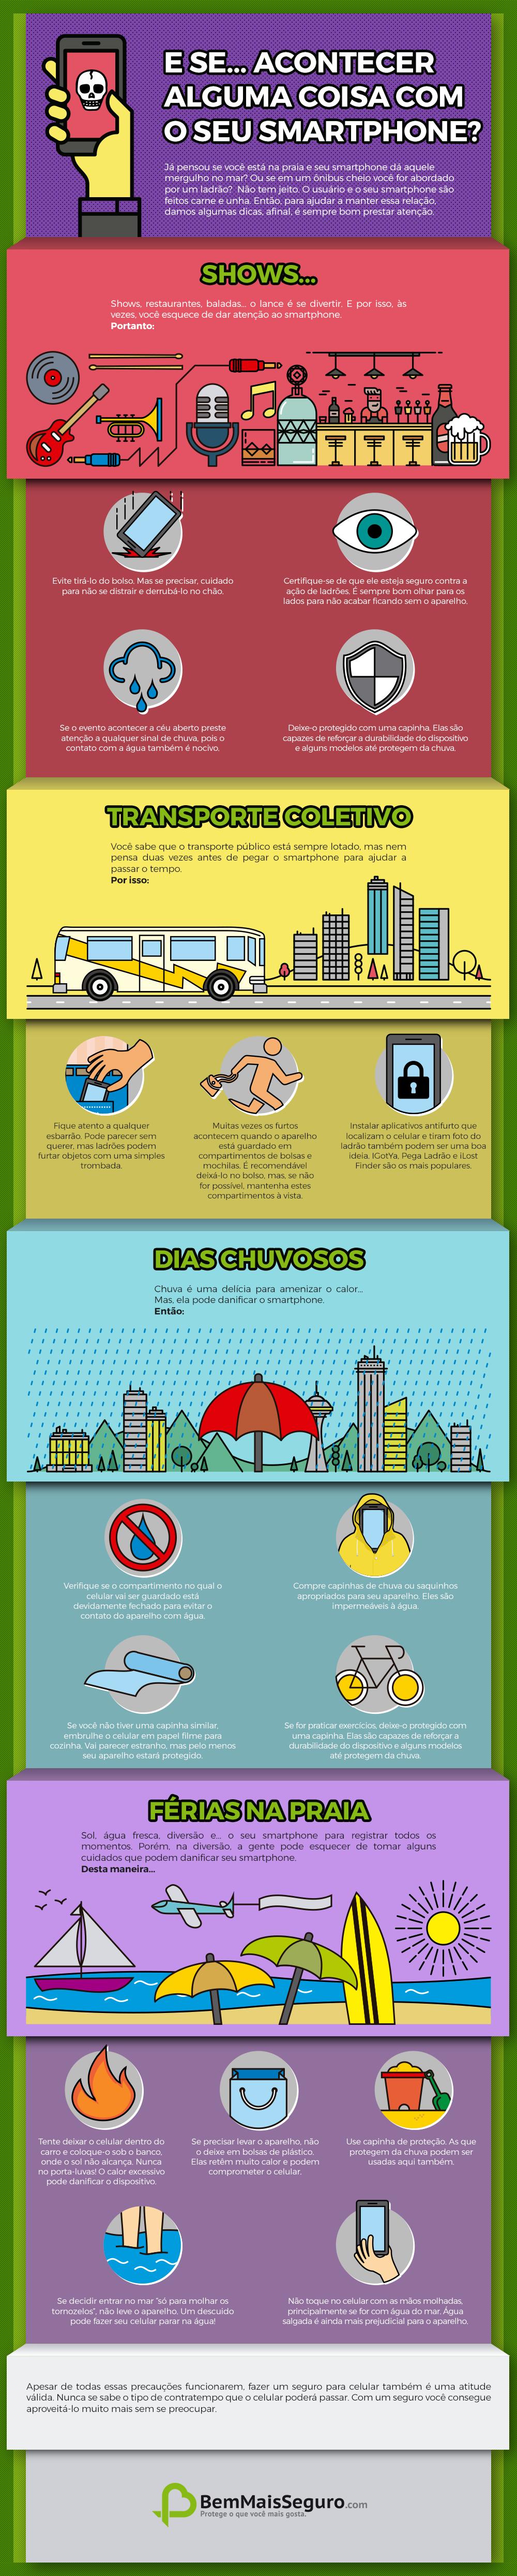 infográfico cuidados com o celular